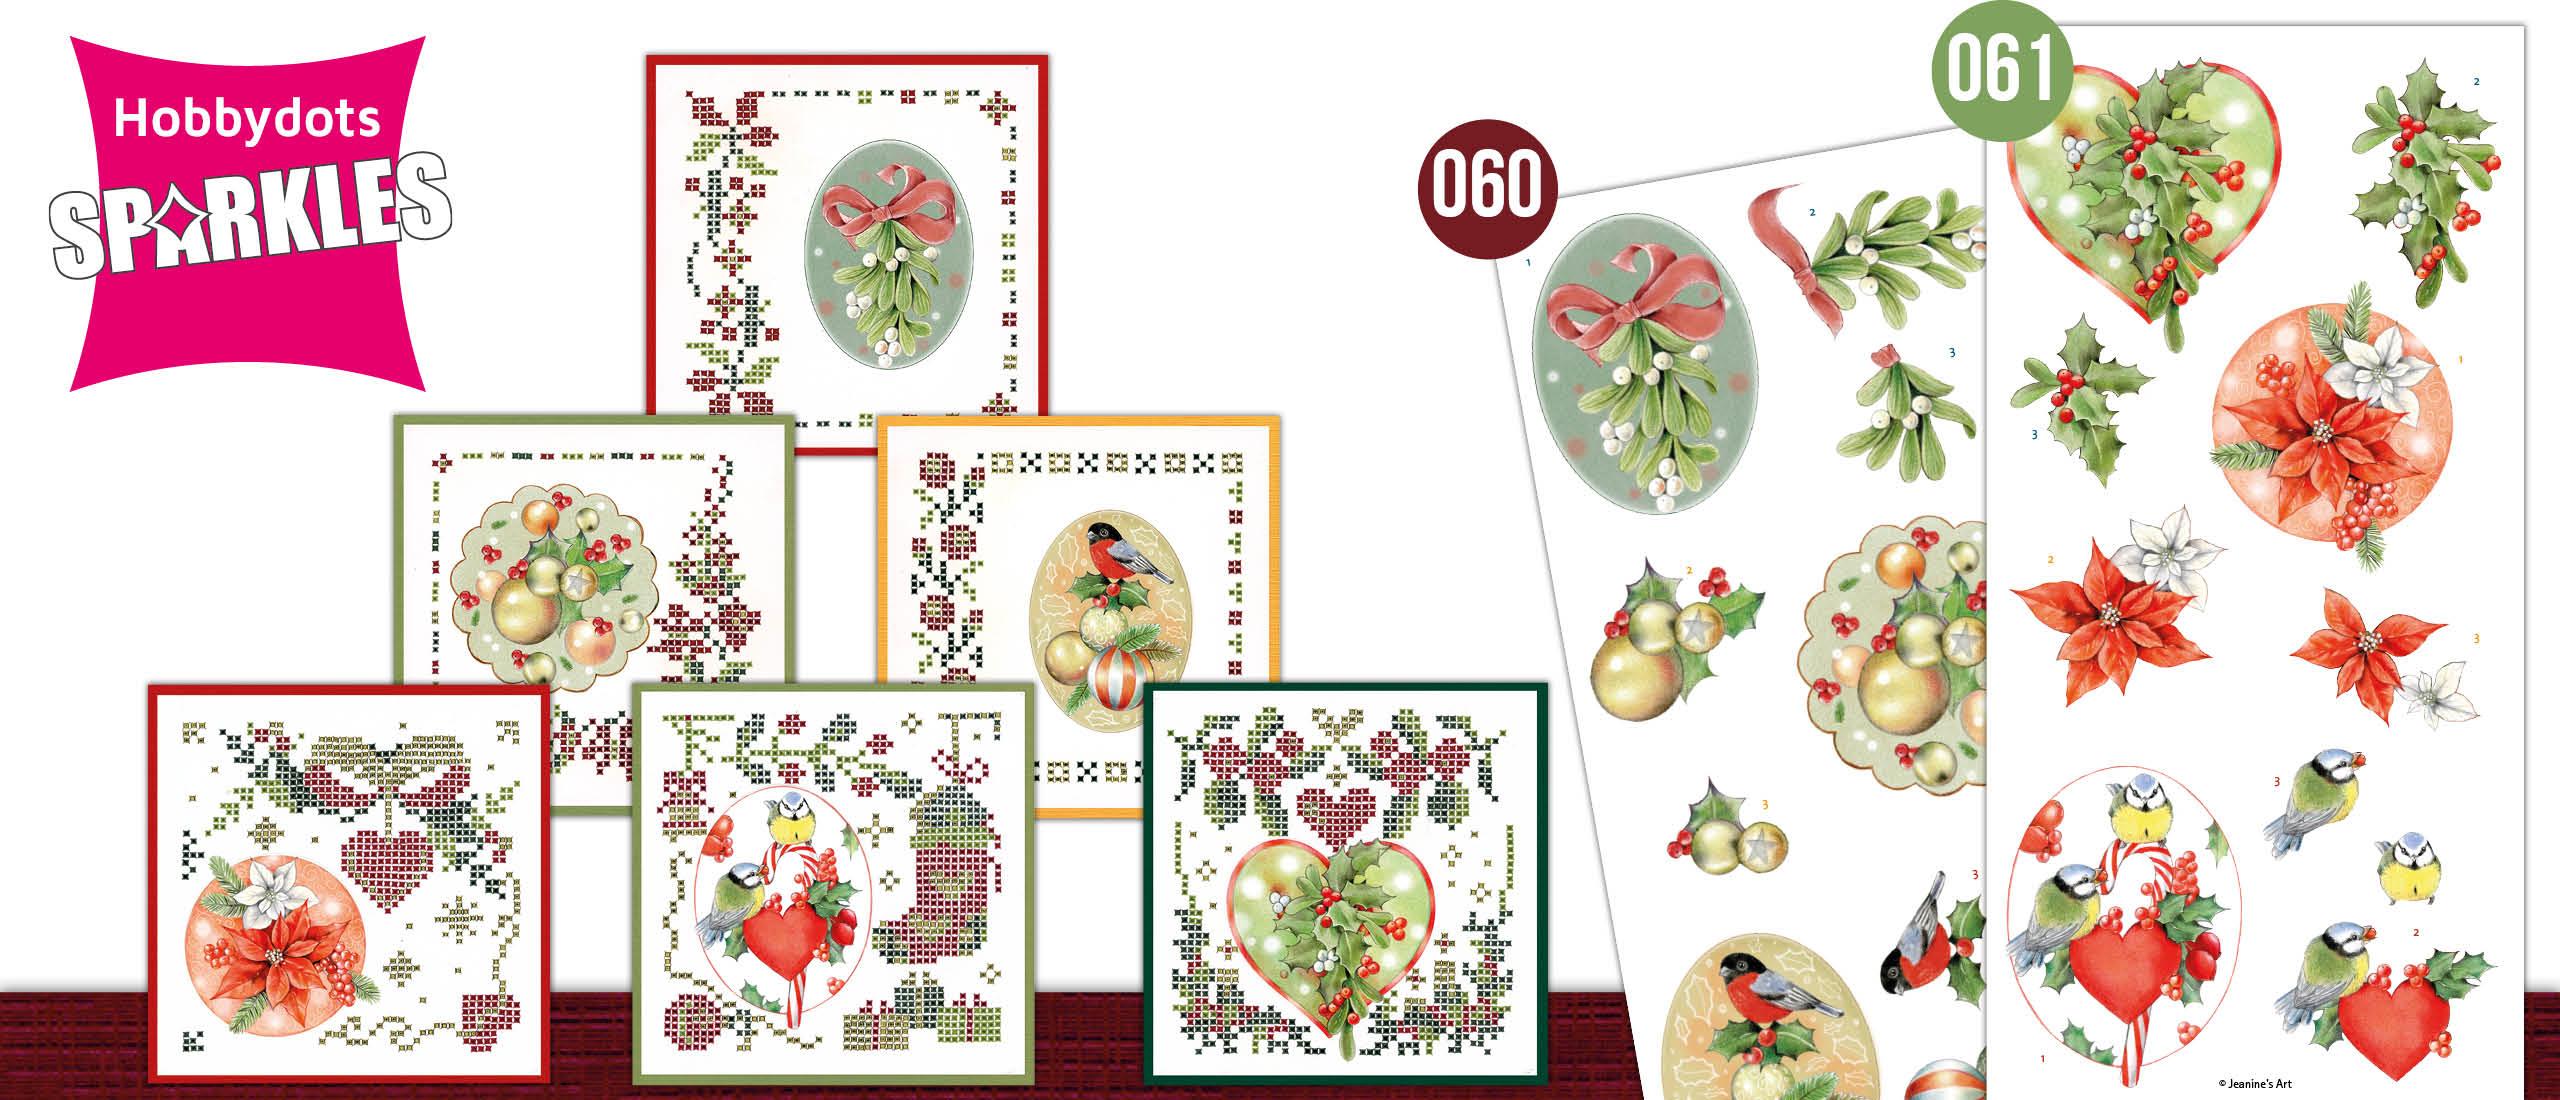 Sparkles Set 60 en 61 met Jeanine's Art: Kerstballen en rode bessen